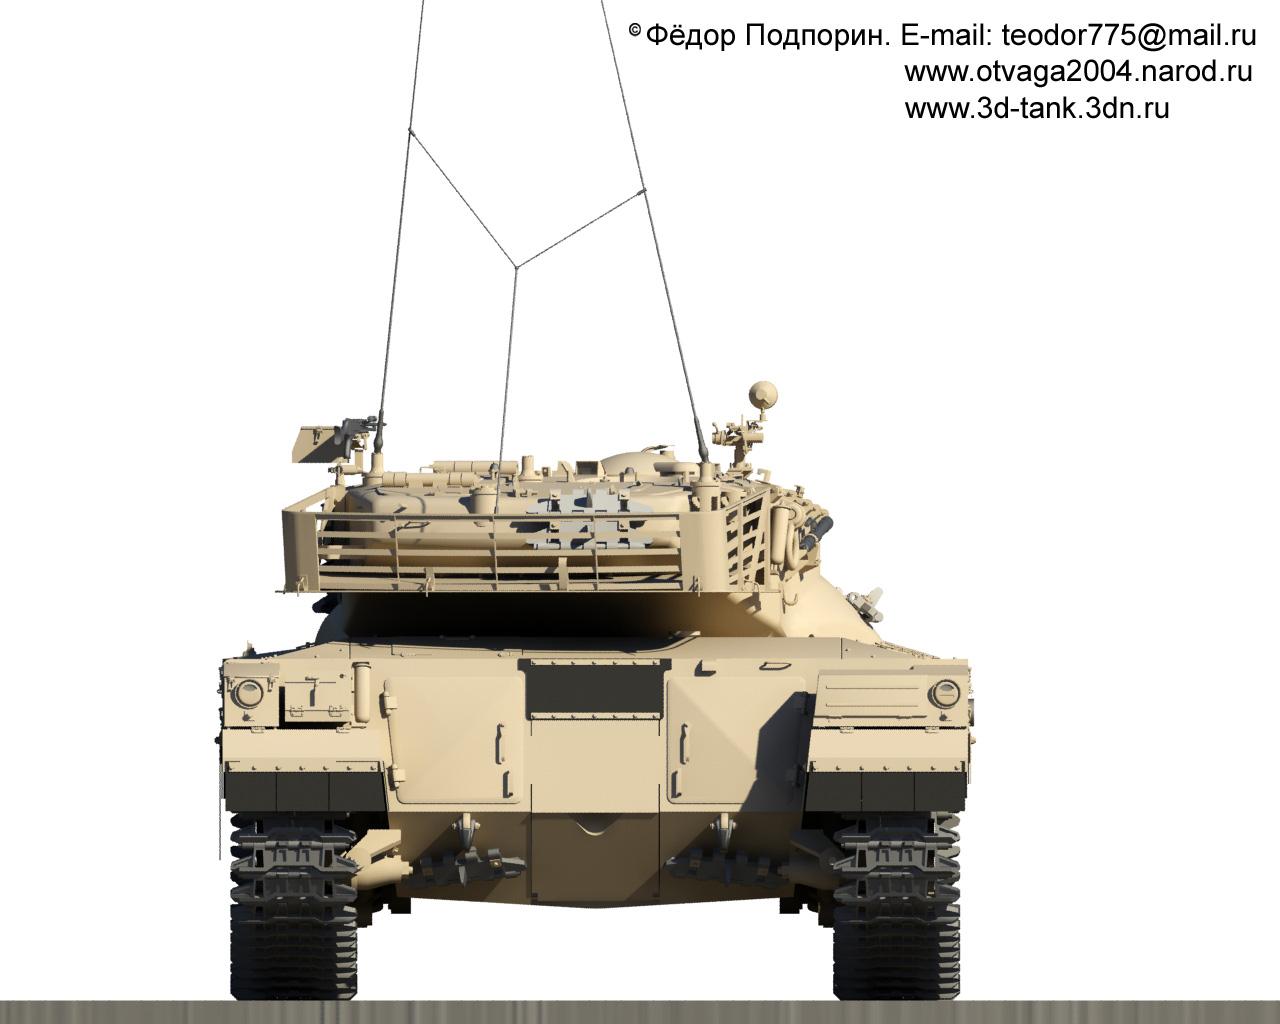 merkava-teodor775-otvaga2004-109